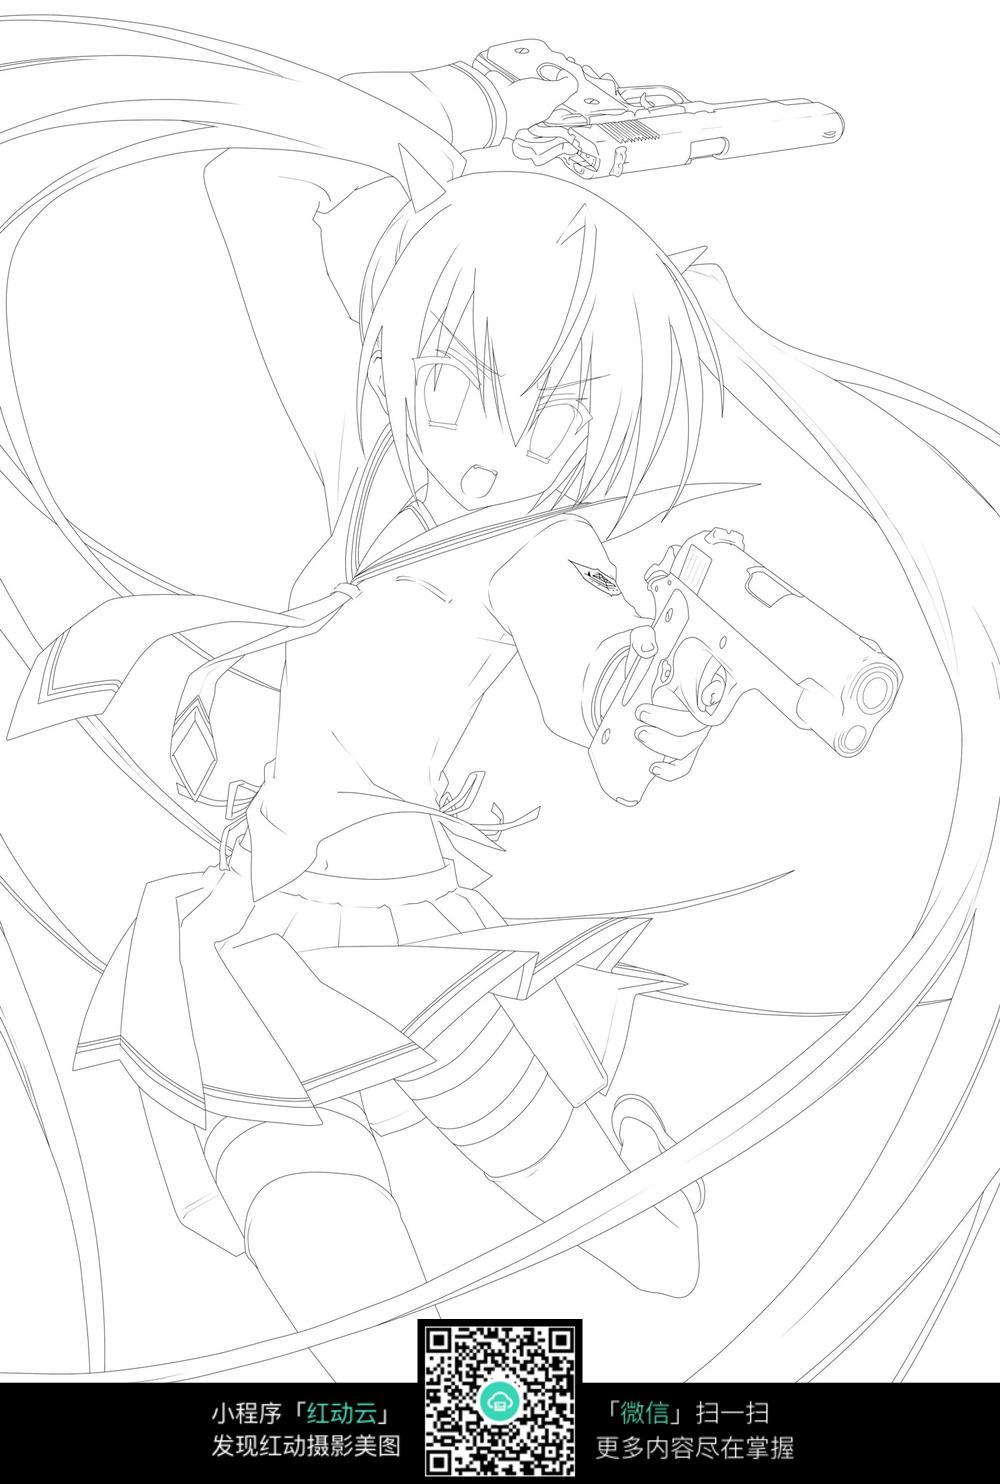 双枪美少女_人物卡通图片